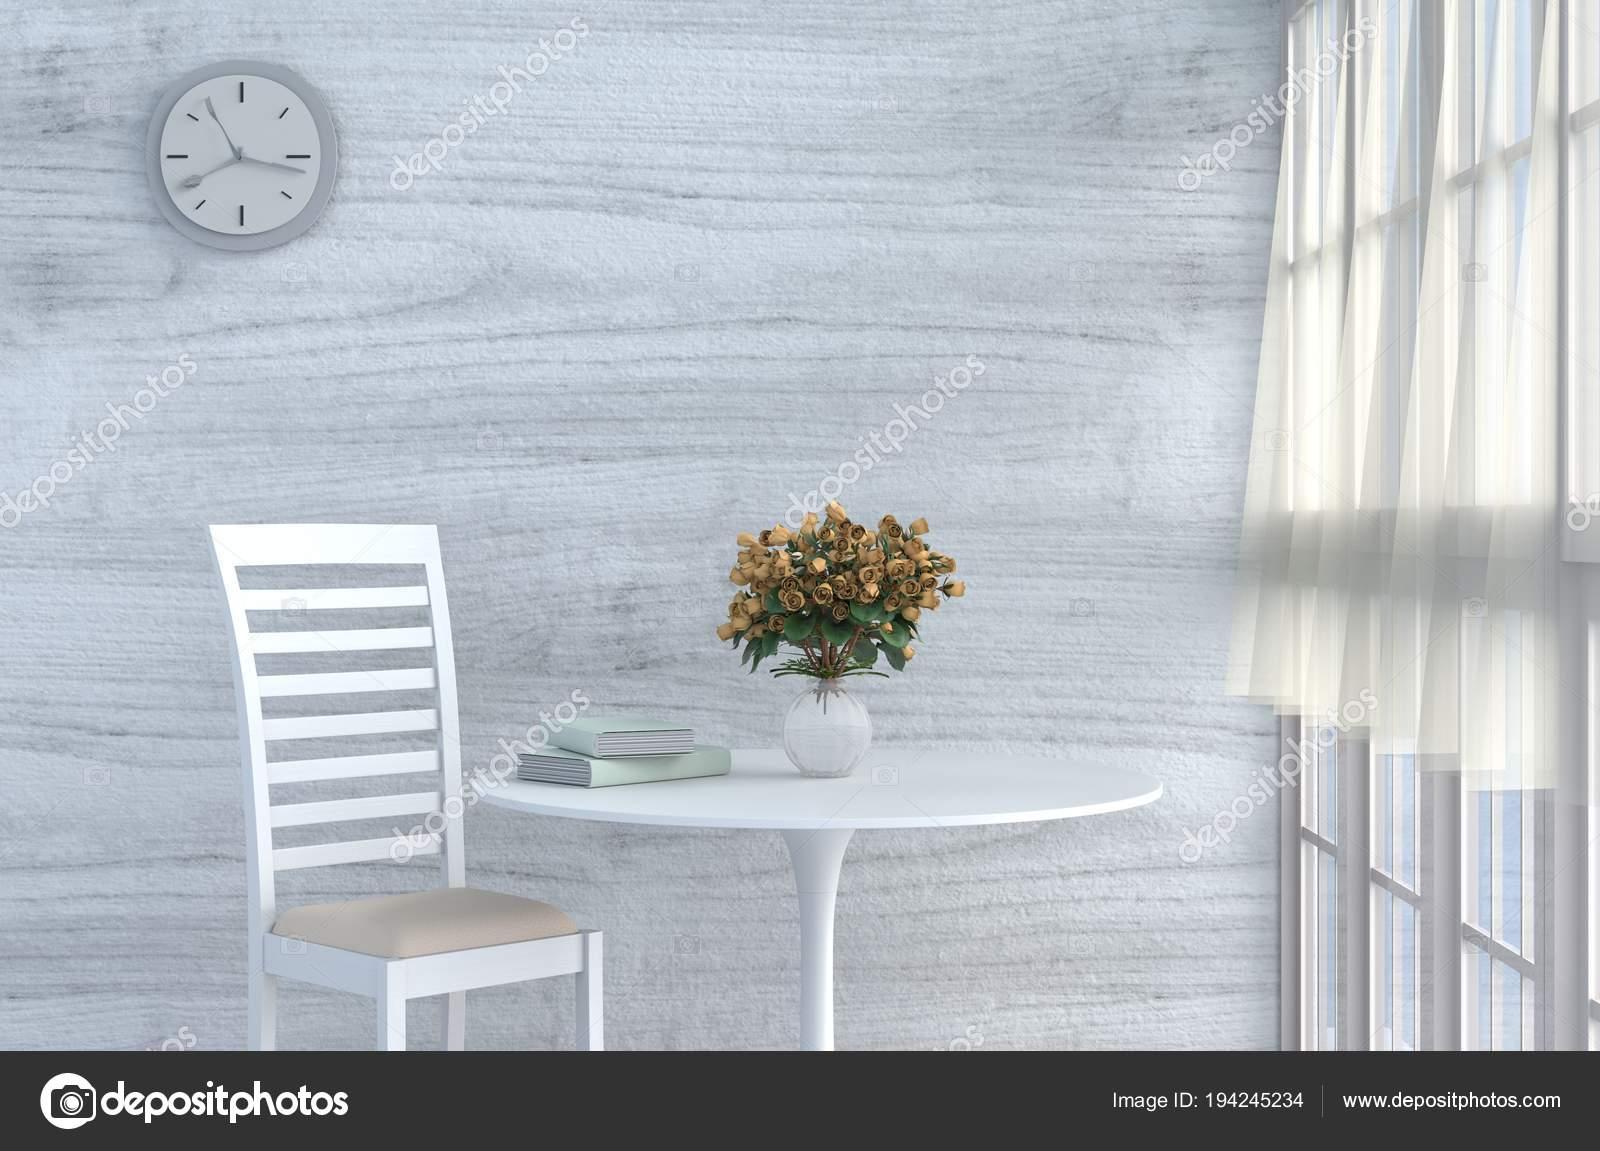 Grau Weiß Wohnzimmer Dekor Mit Creme Weißen Stuhl Wanduhr Weiße ...